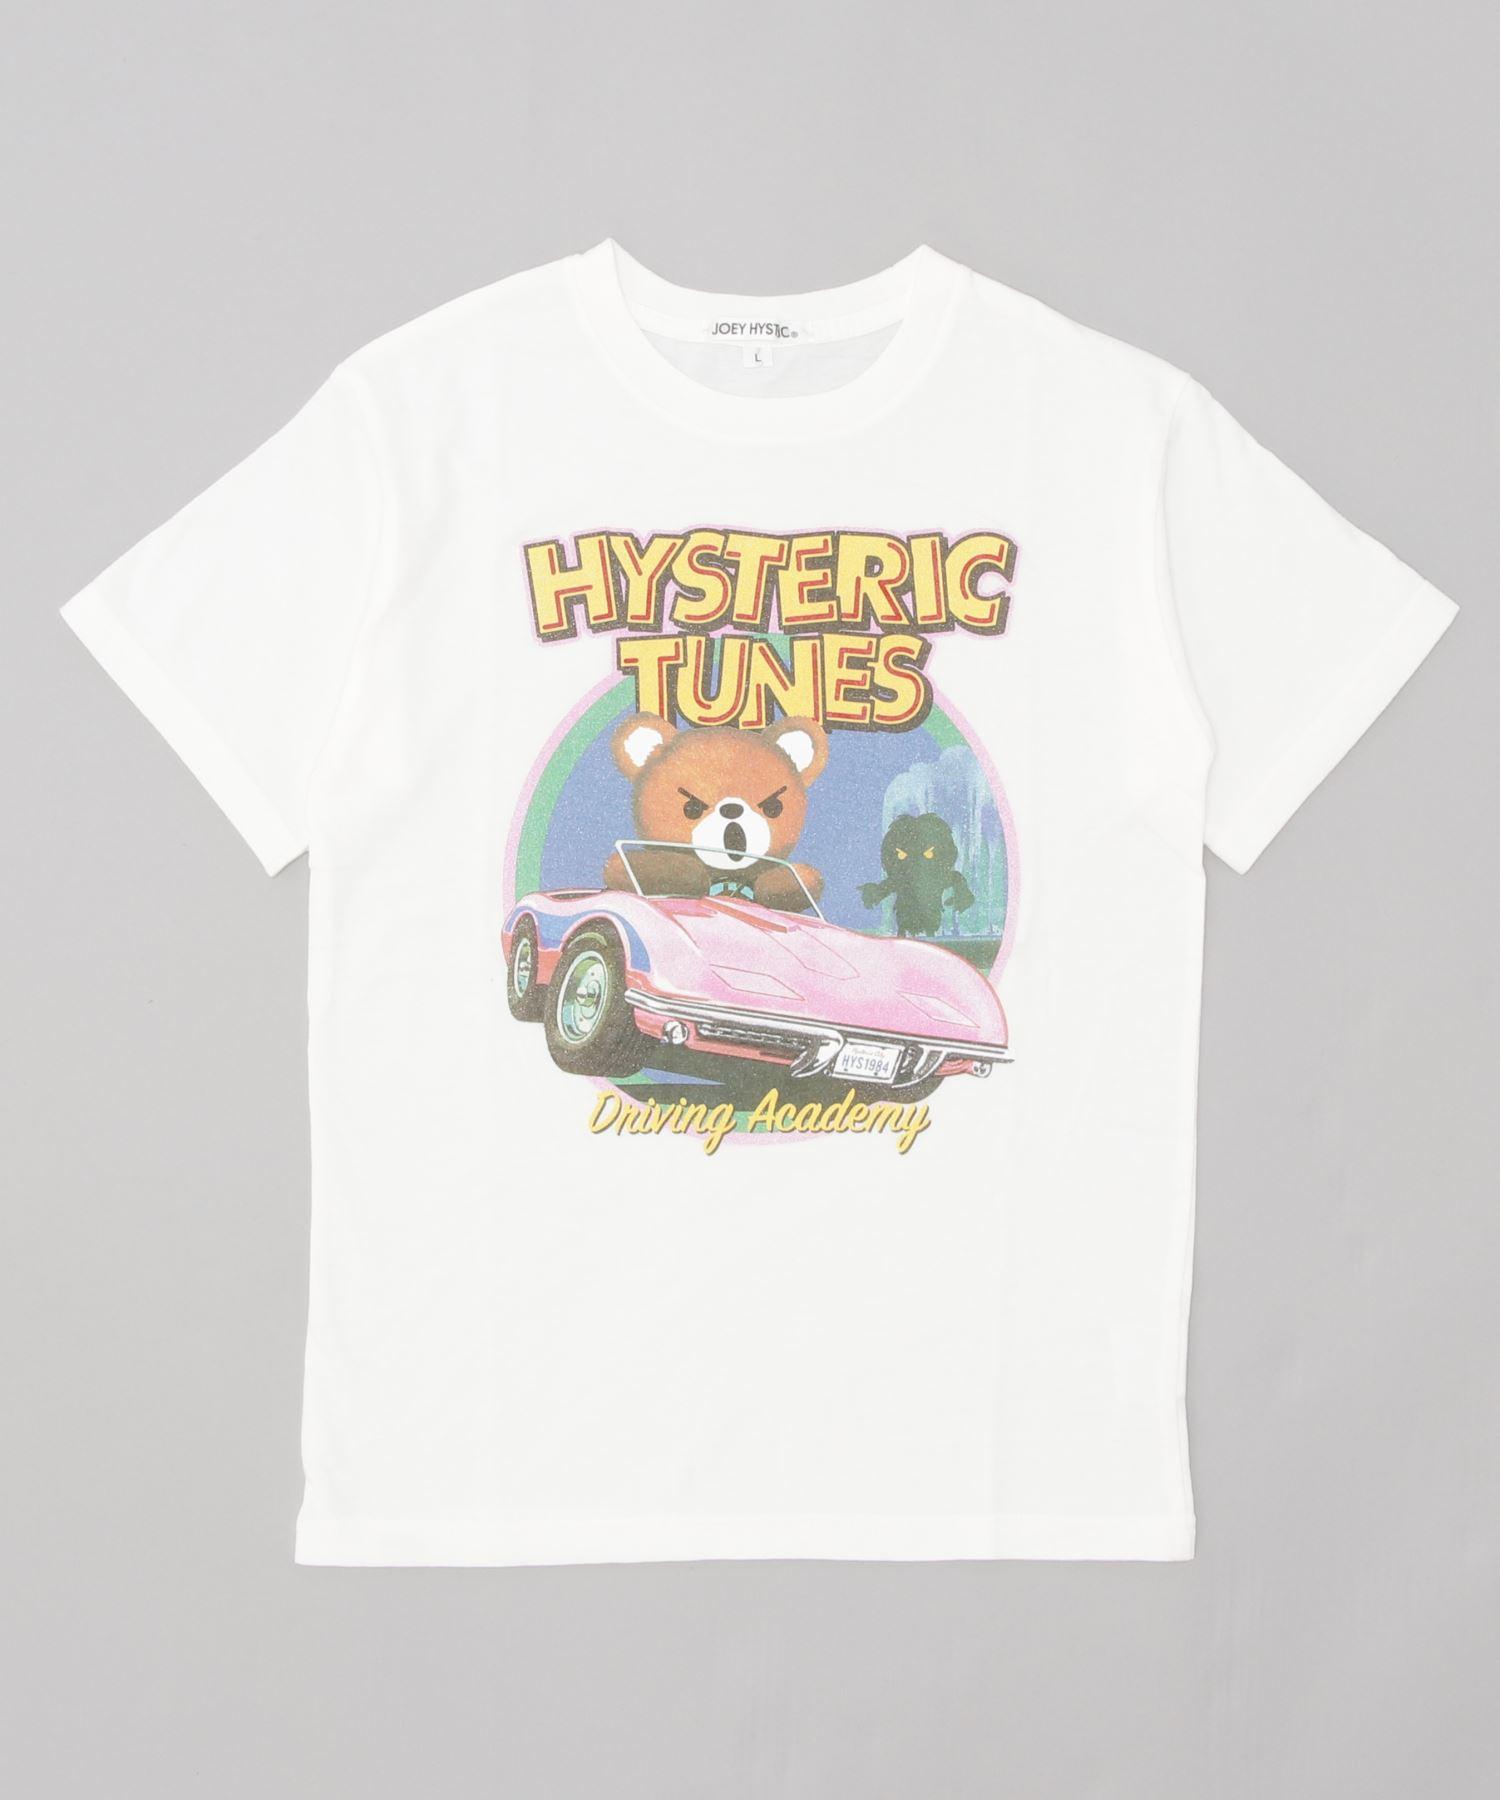 HYSTERIC TUNES pt Tシャツ【L】